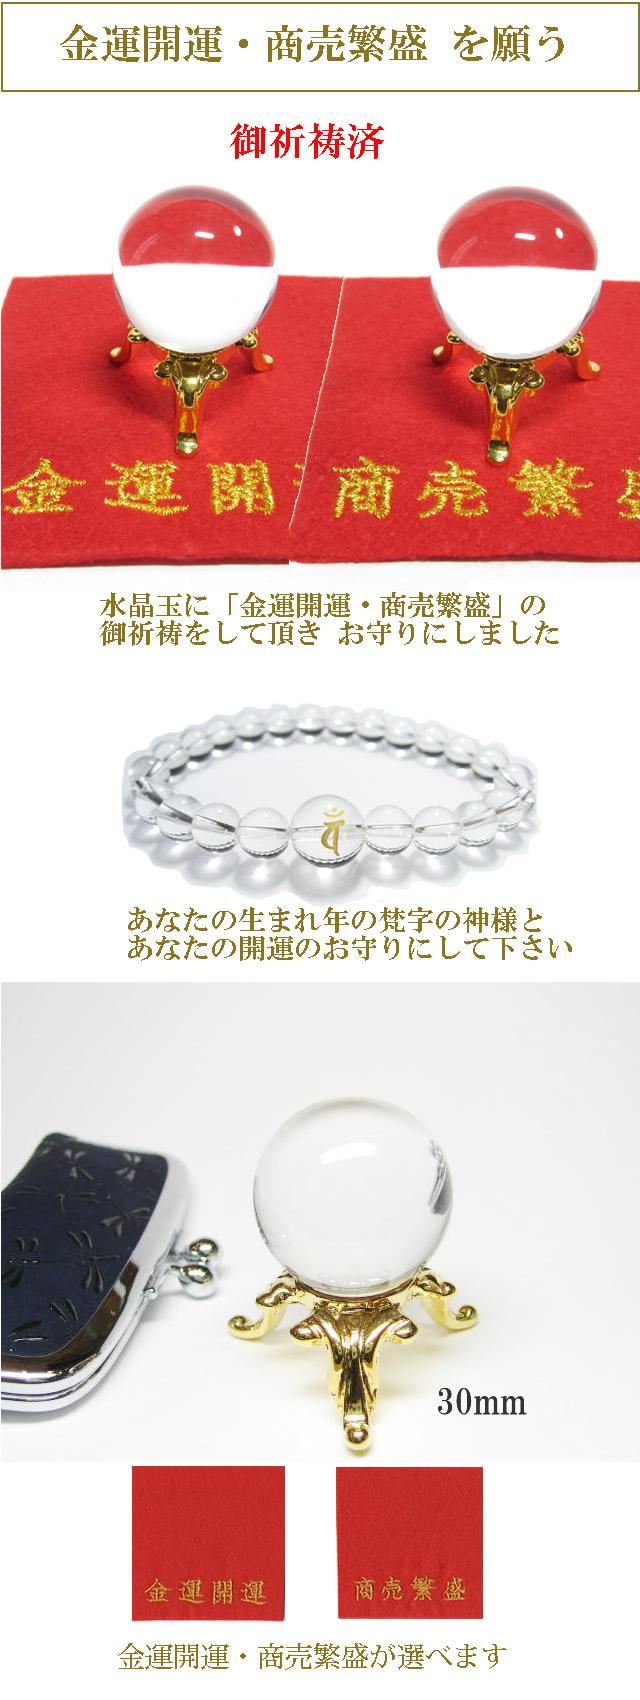 「金運開運」「商売繁盛」のお守り 水晶玉とブレスレットのセット